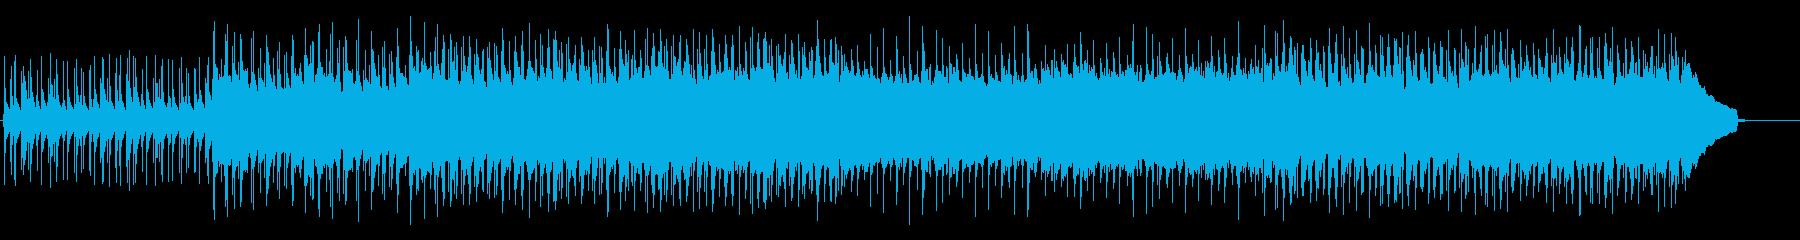 【メロ抜】明るく優しいコーポレートBGMの再生済みの波形